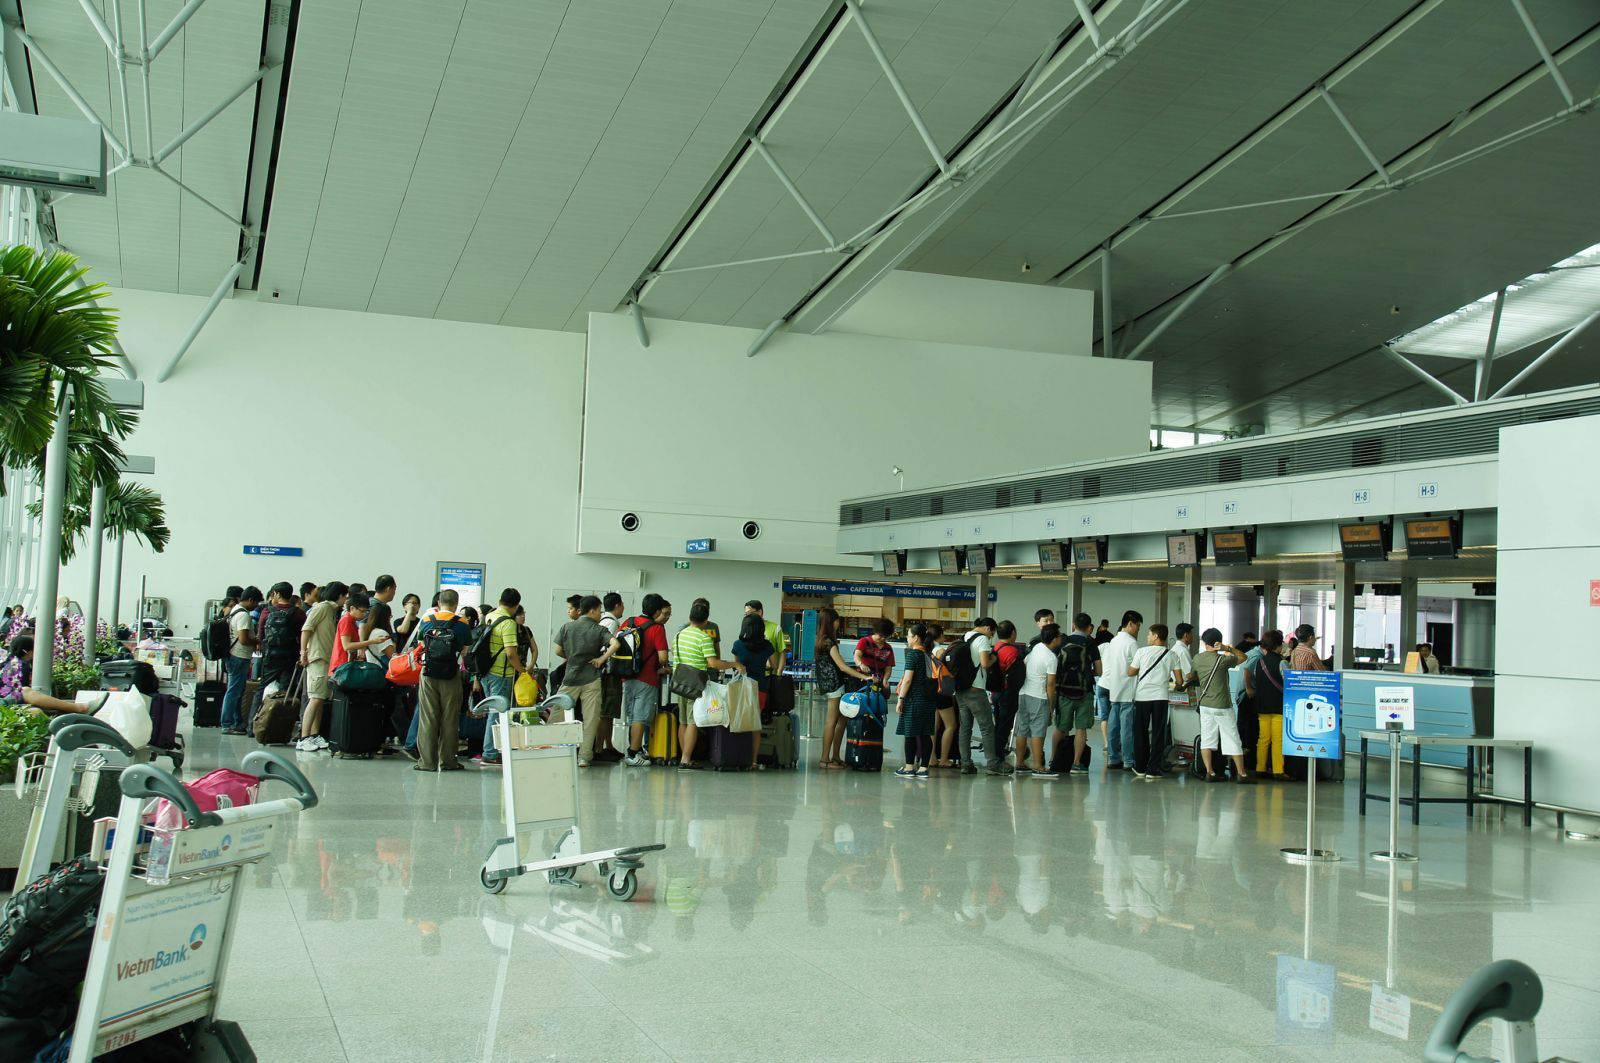 Vé máy bay từ Los Angeles đến Tân Sơn Nhất chỉ 240USD